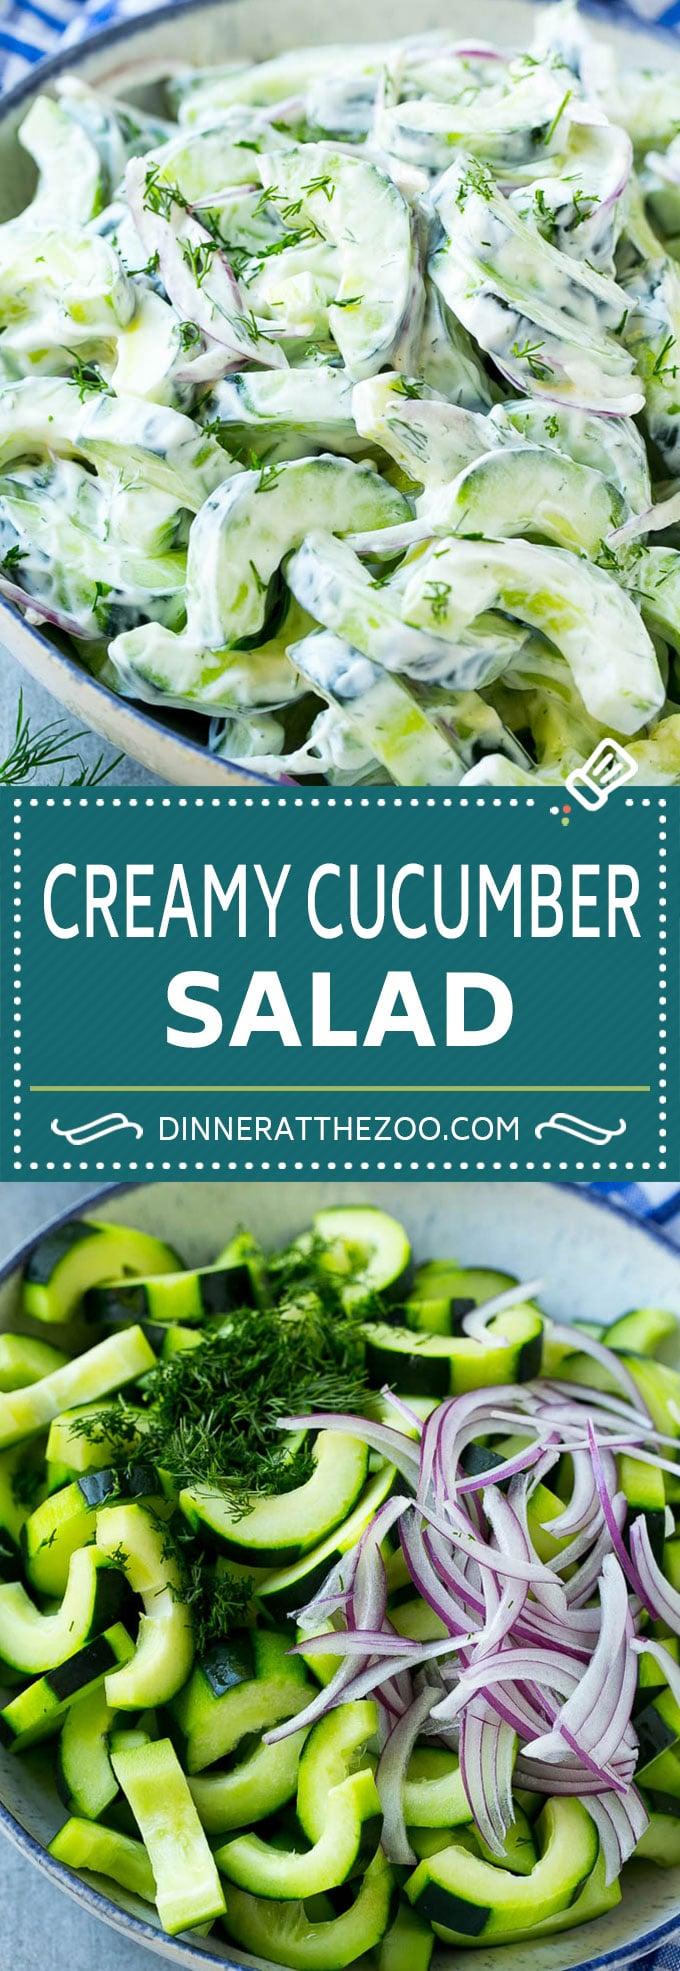 Creamy Cucumber Salad Recipe   Cucumber Dill Salad   German Cucumber Salad   Cucumber Sour Cream Salad #cucumber #salad #recipe #dinneratthezoo